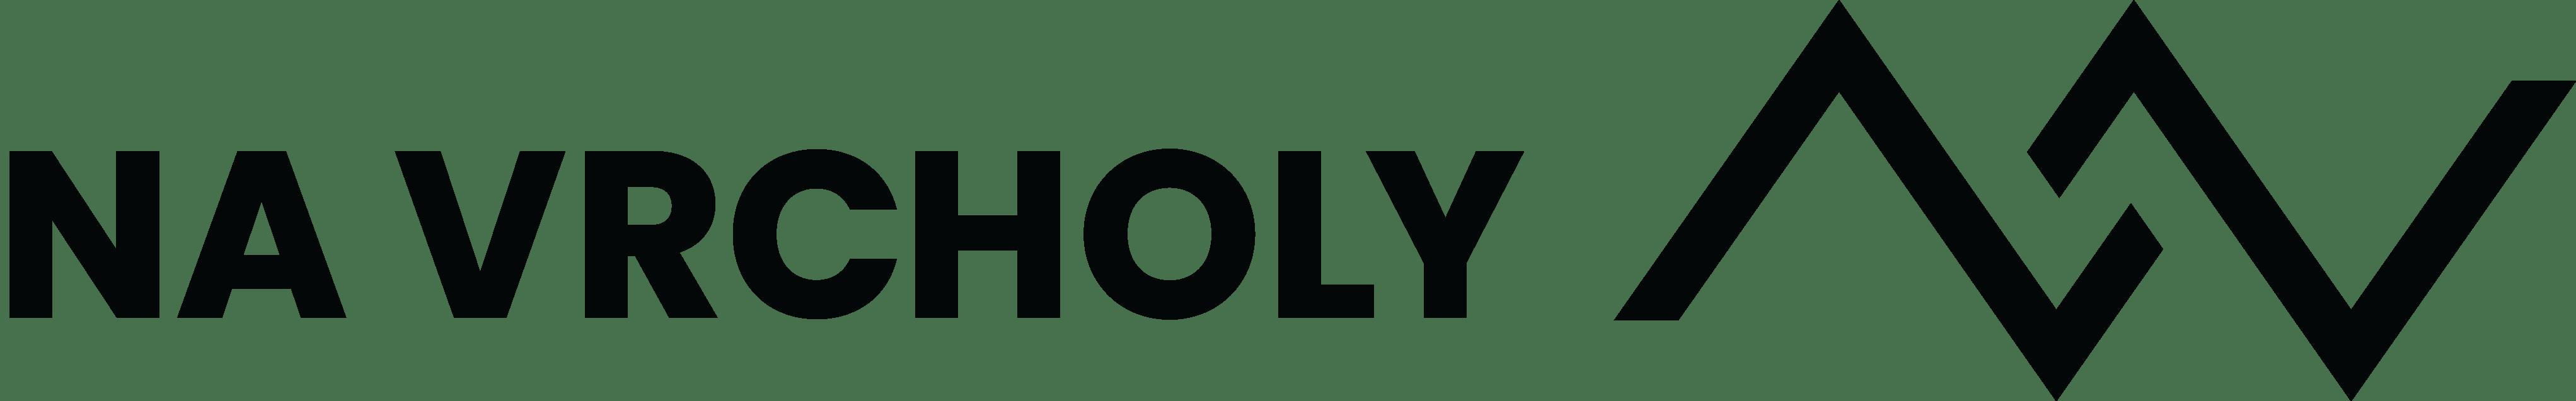 NaVrcholy Logo